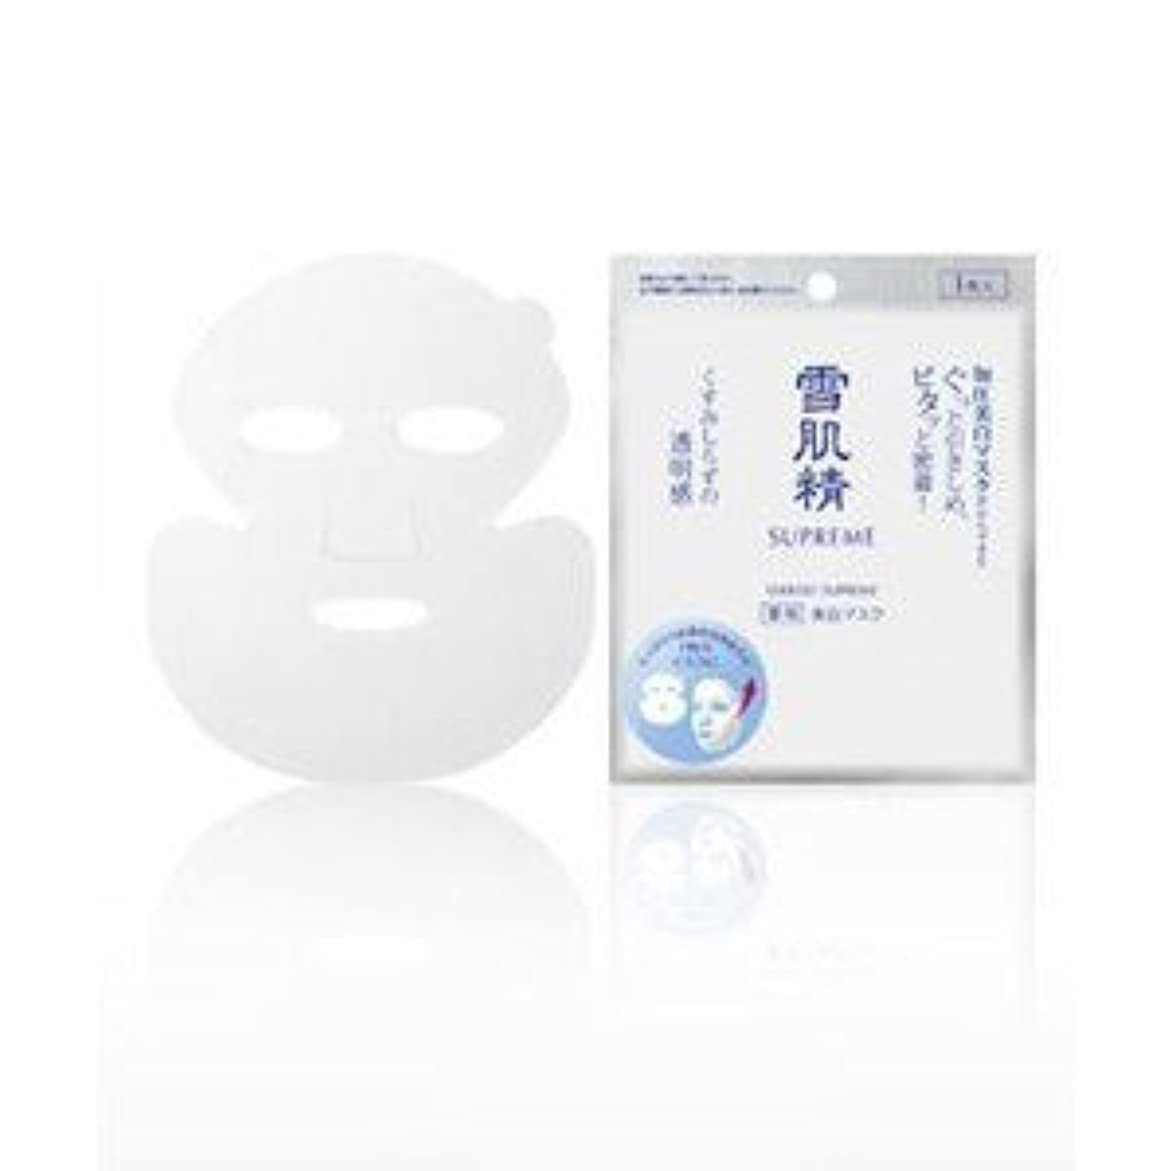 拍車メダリストコンクリート【コーセー マスク】雪肌精 シュープレム ホワイトニング マスク 1枚入り×3枚